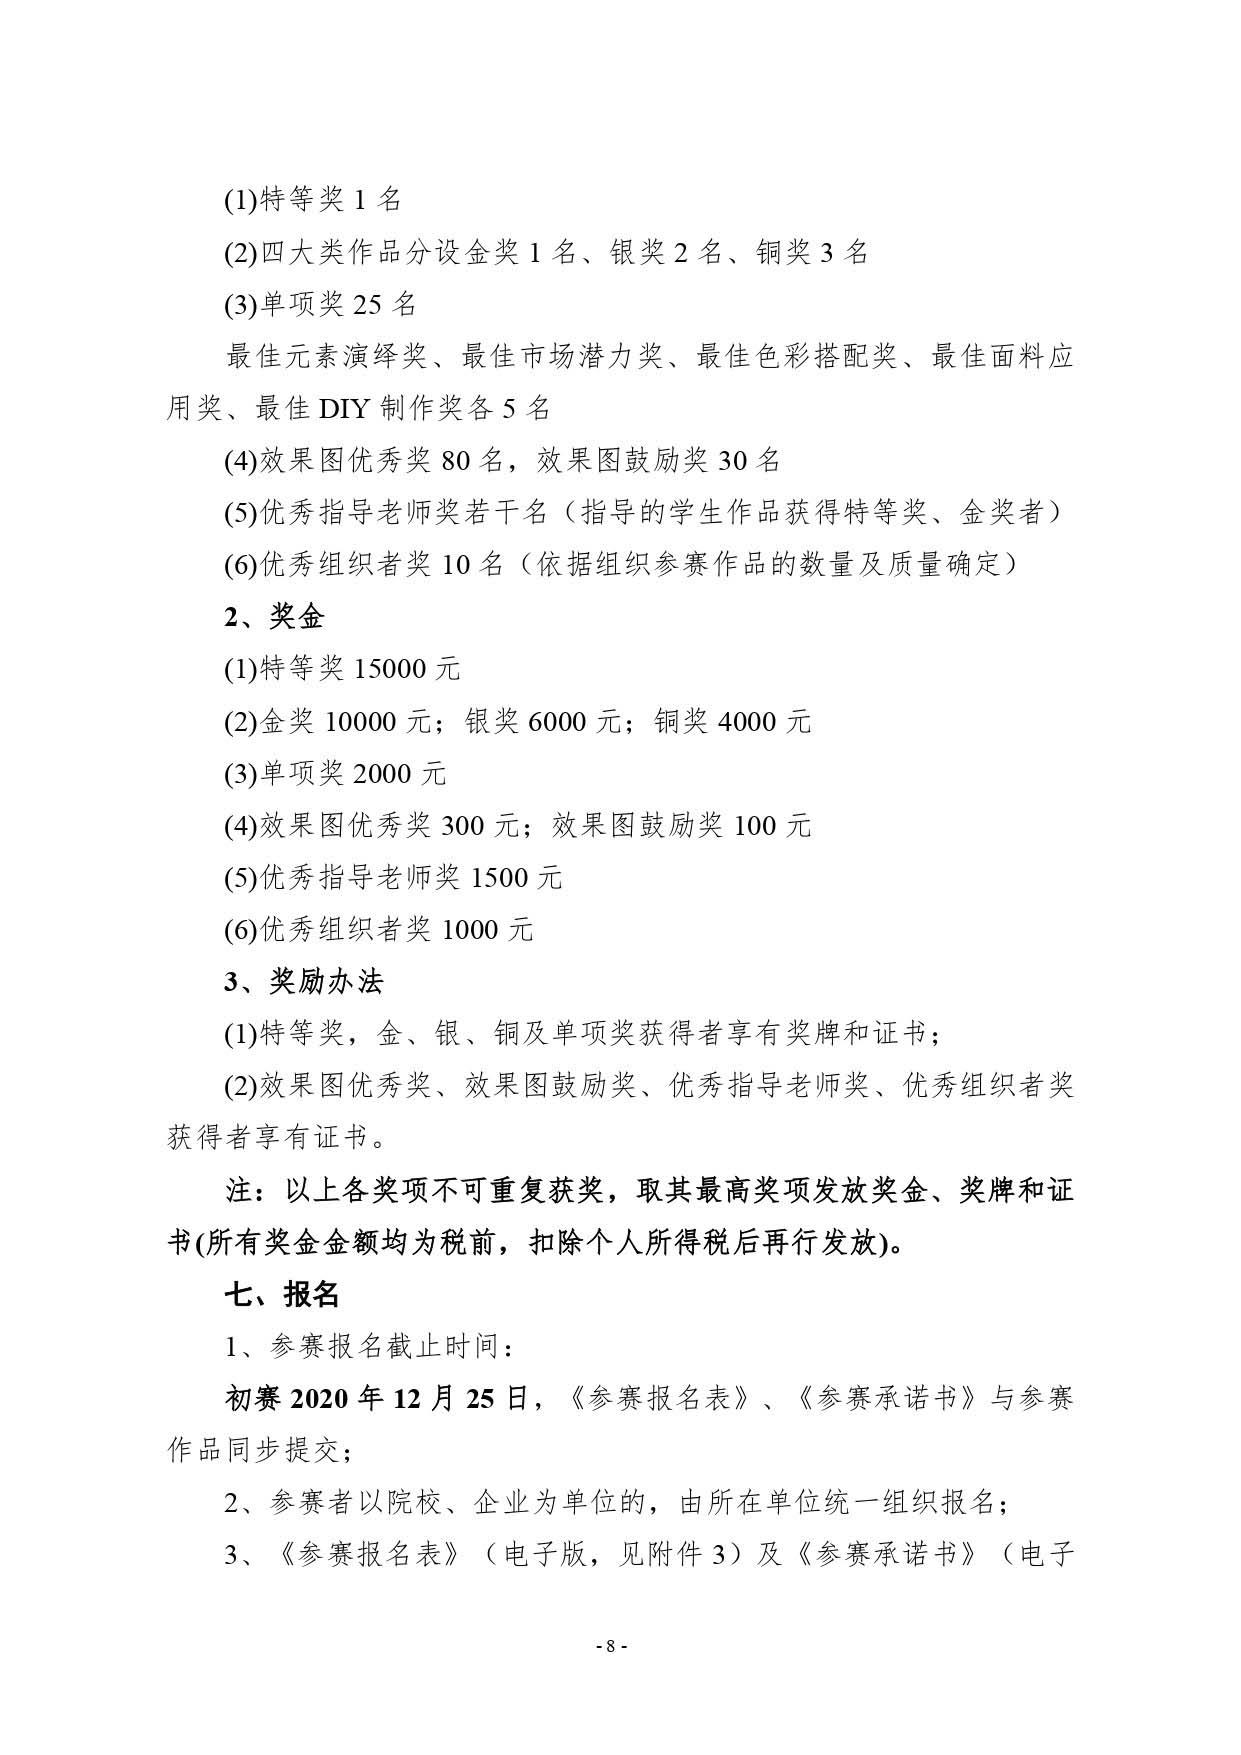 第二十四届(2021)真皮标志杯鞋类大赛通知2020.11.25.印刷版_page-0008.jpg